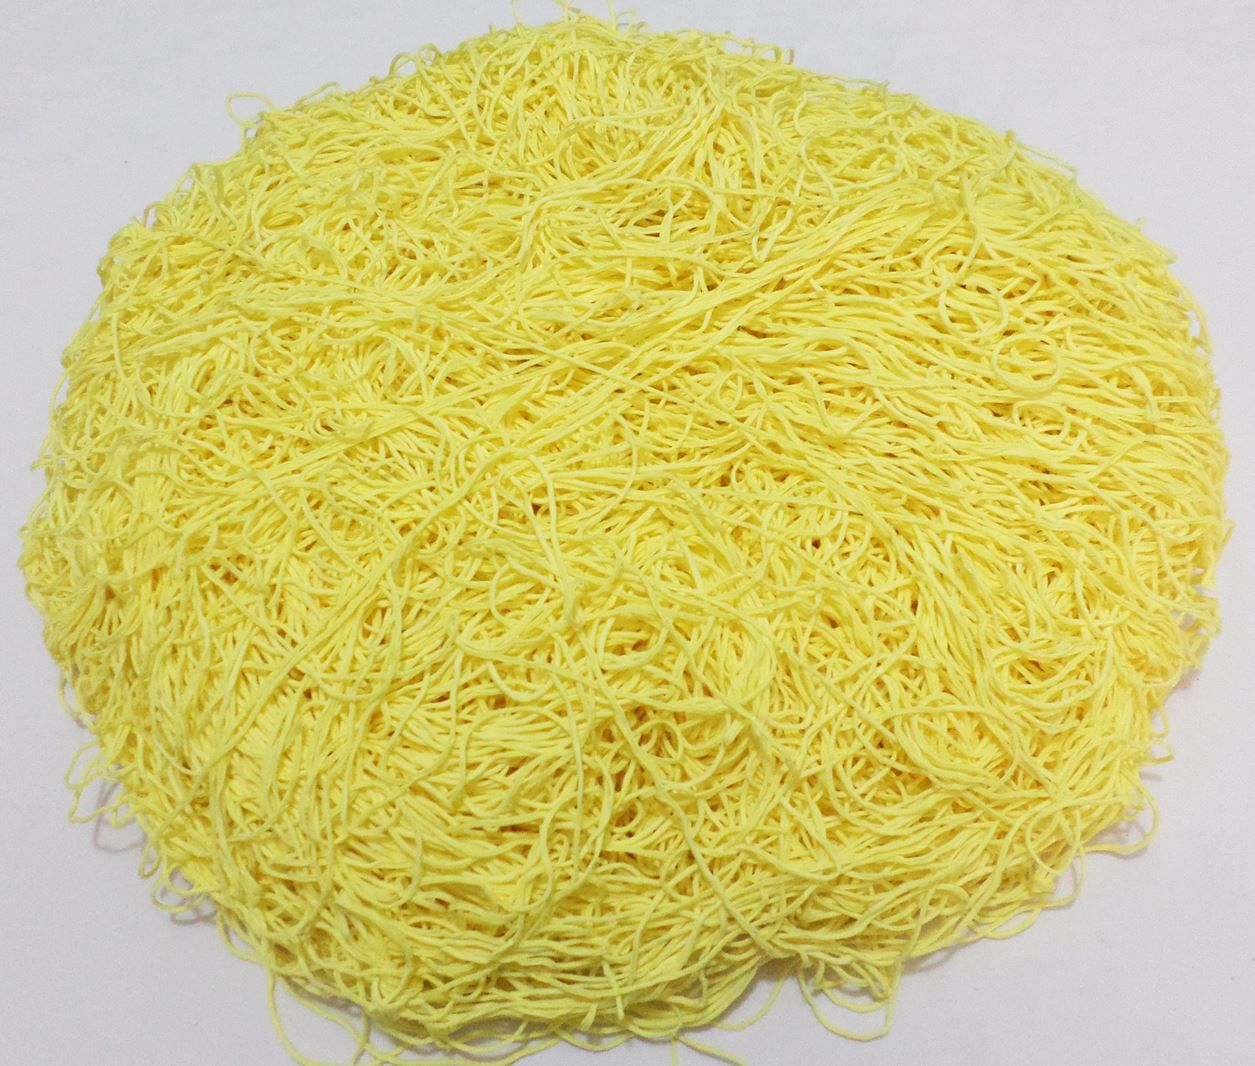 Tira de Macarrão/Espaguete 1.660g Amarelo